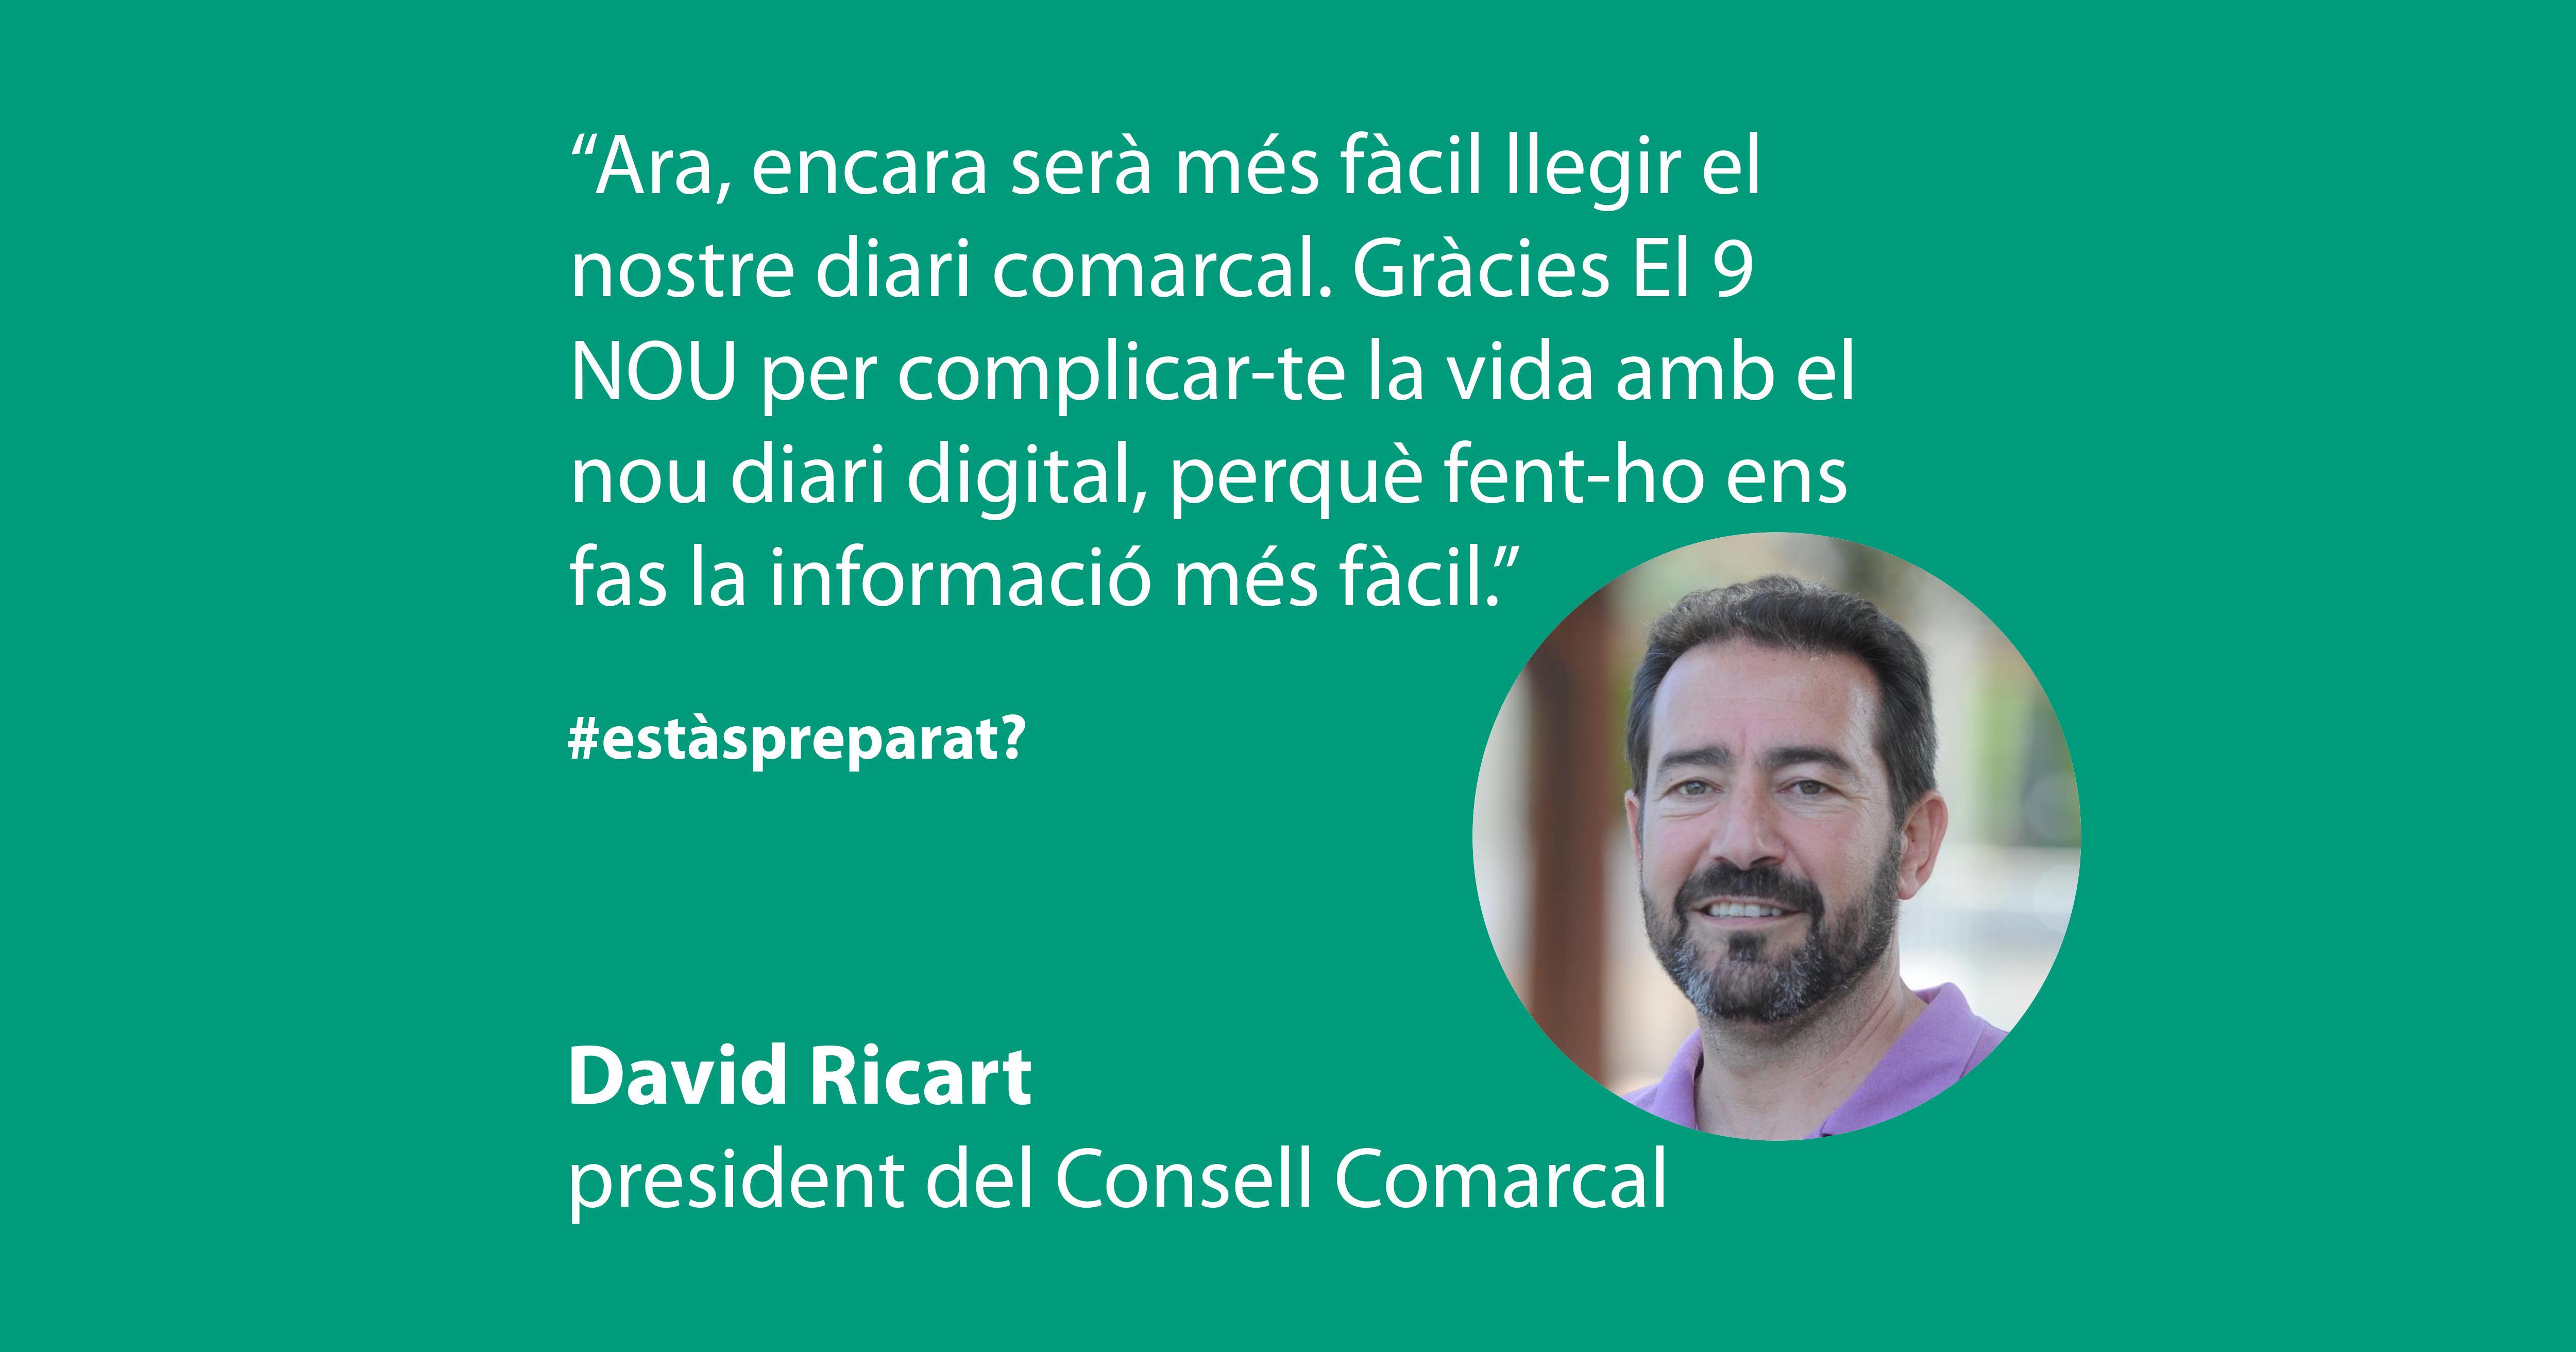 David Ricart